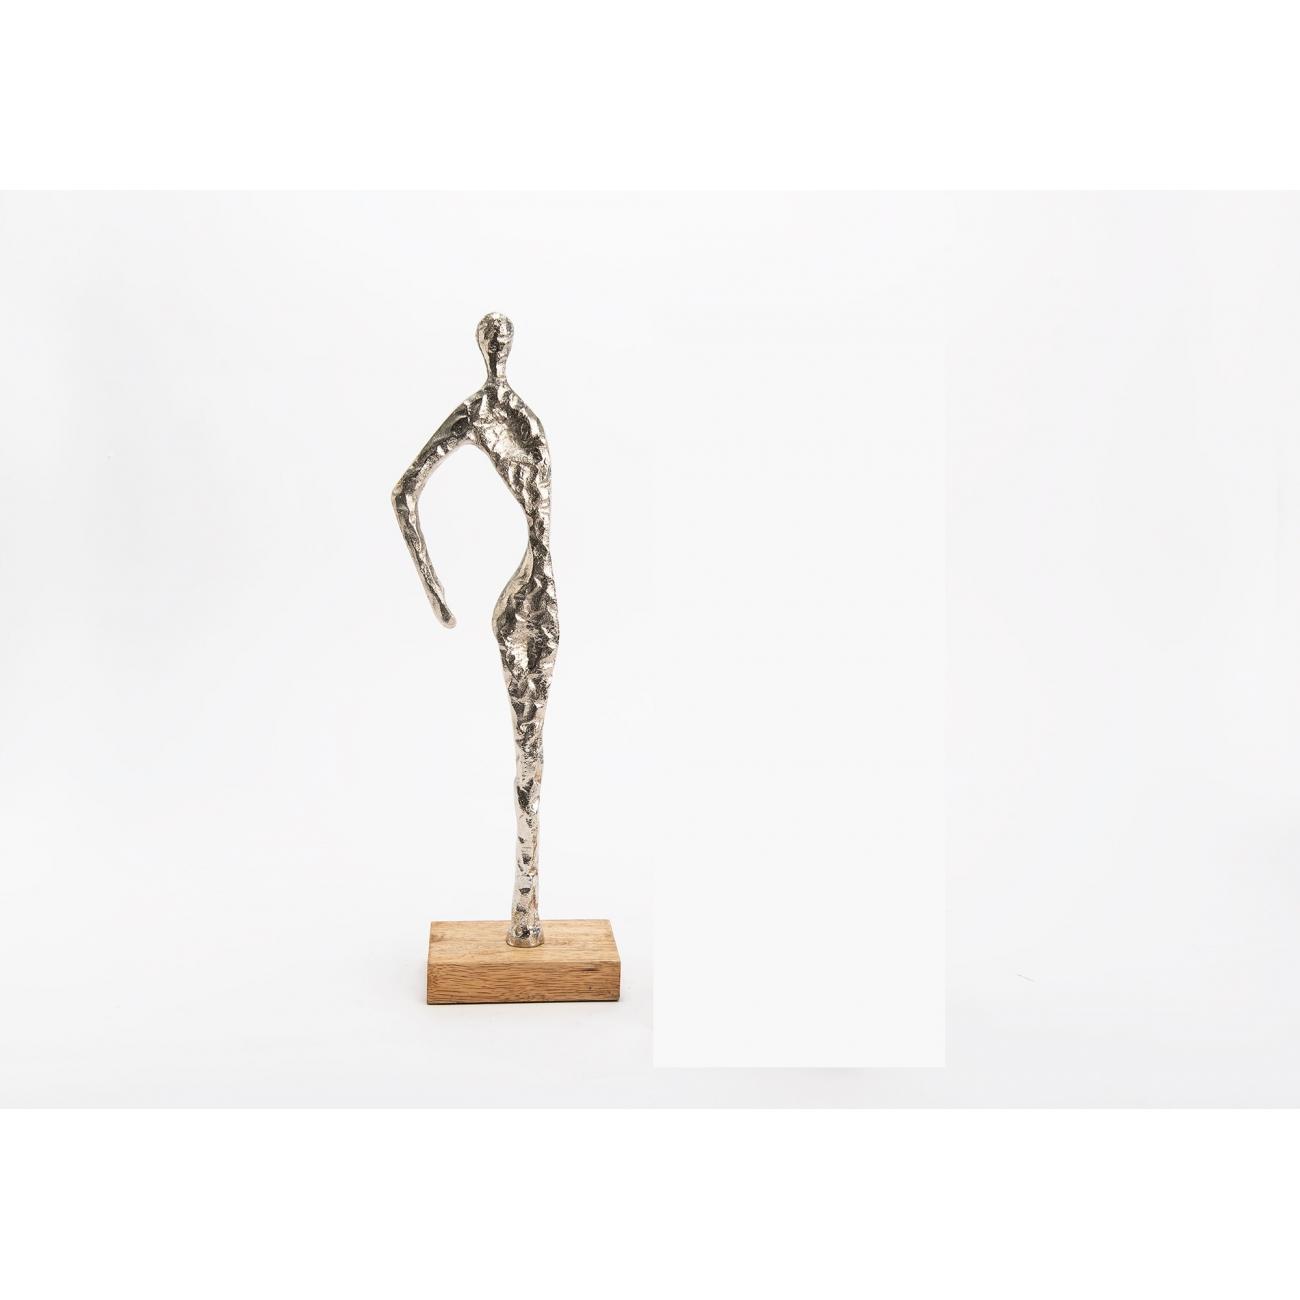 Статуэтка AMADEUS Элегант серебристая дерево и алюминий высота 31 см Франция